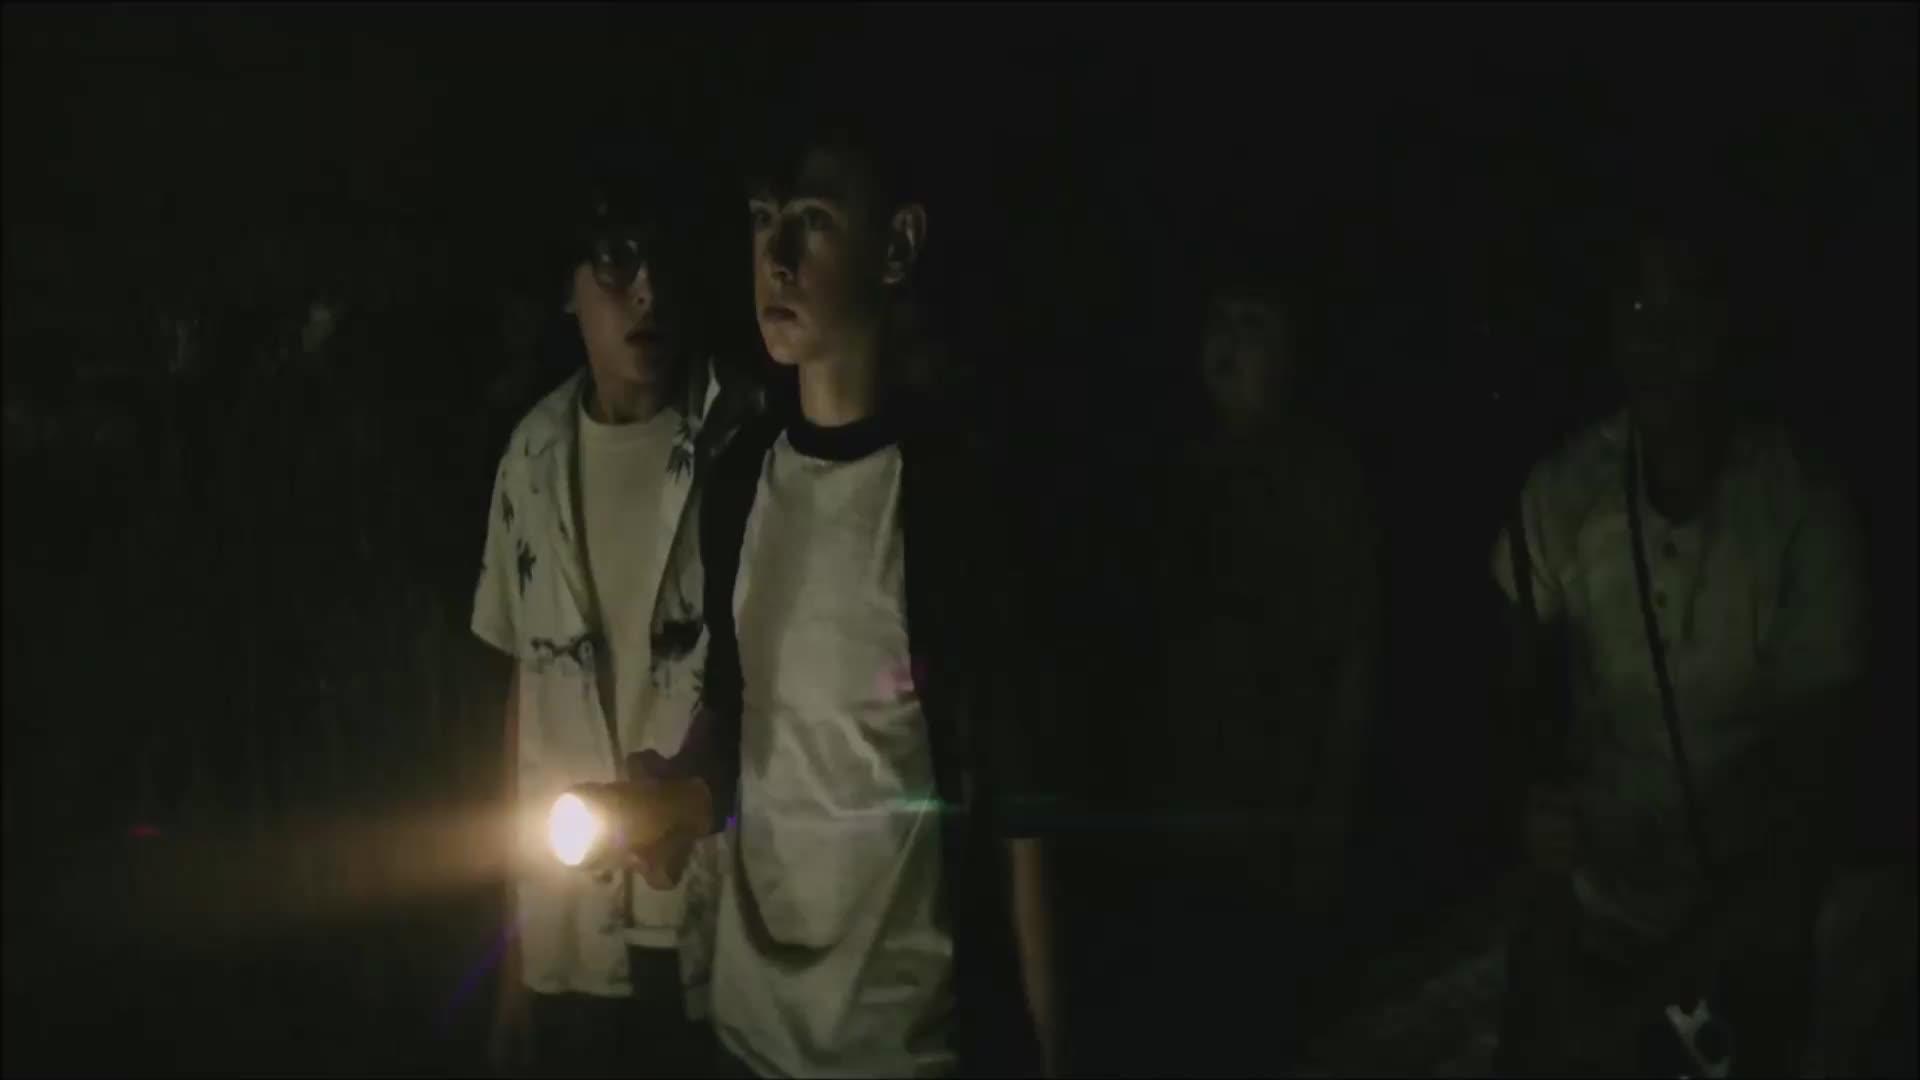 clown, creepy, horror, it, it movie, scary, warner bros., warnerbros, wb, Tunnel exploration. GIFs